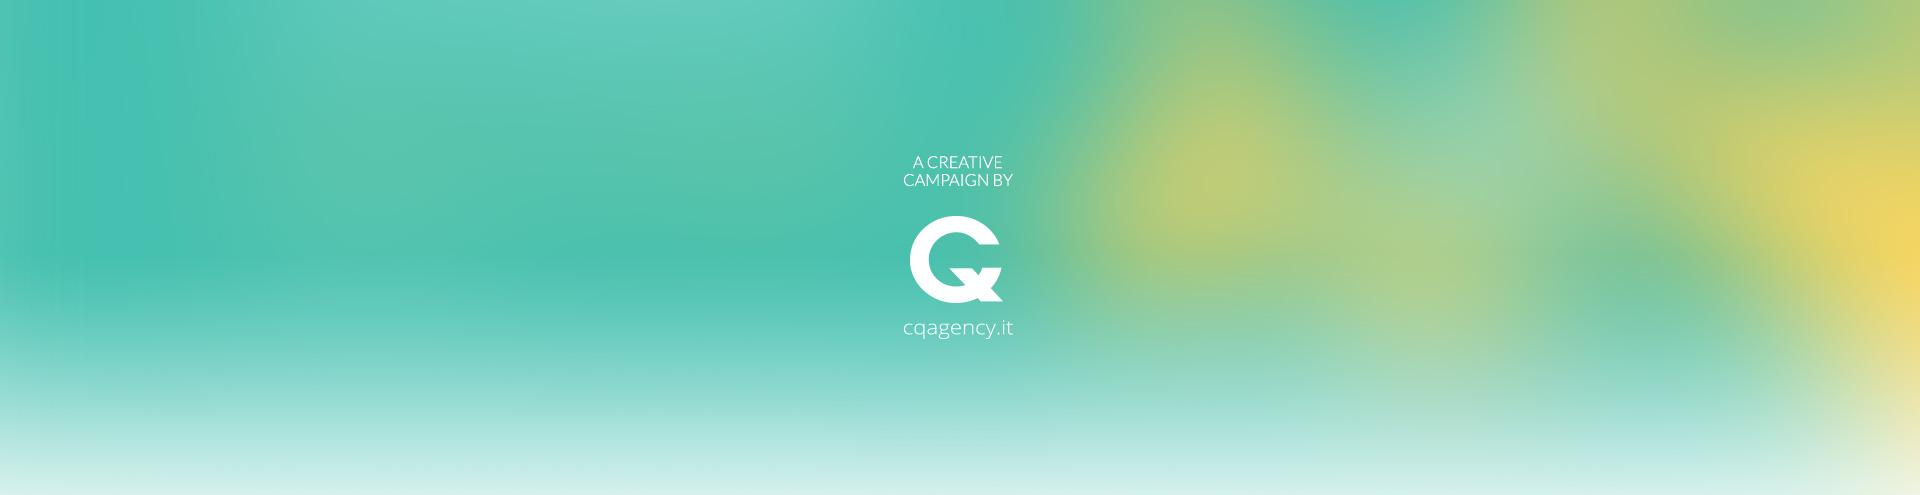 Rinascimento del Gusto - CQ Agency